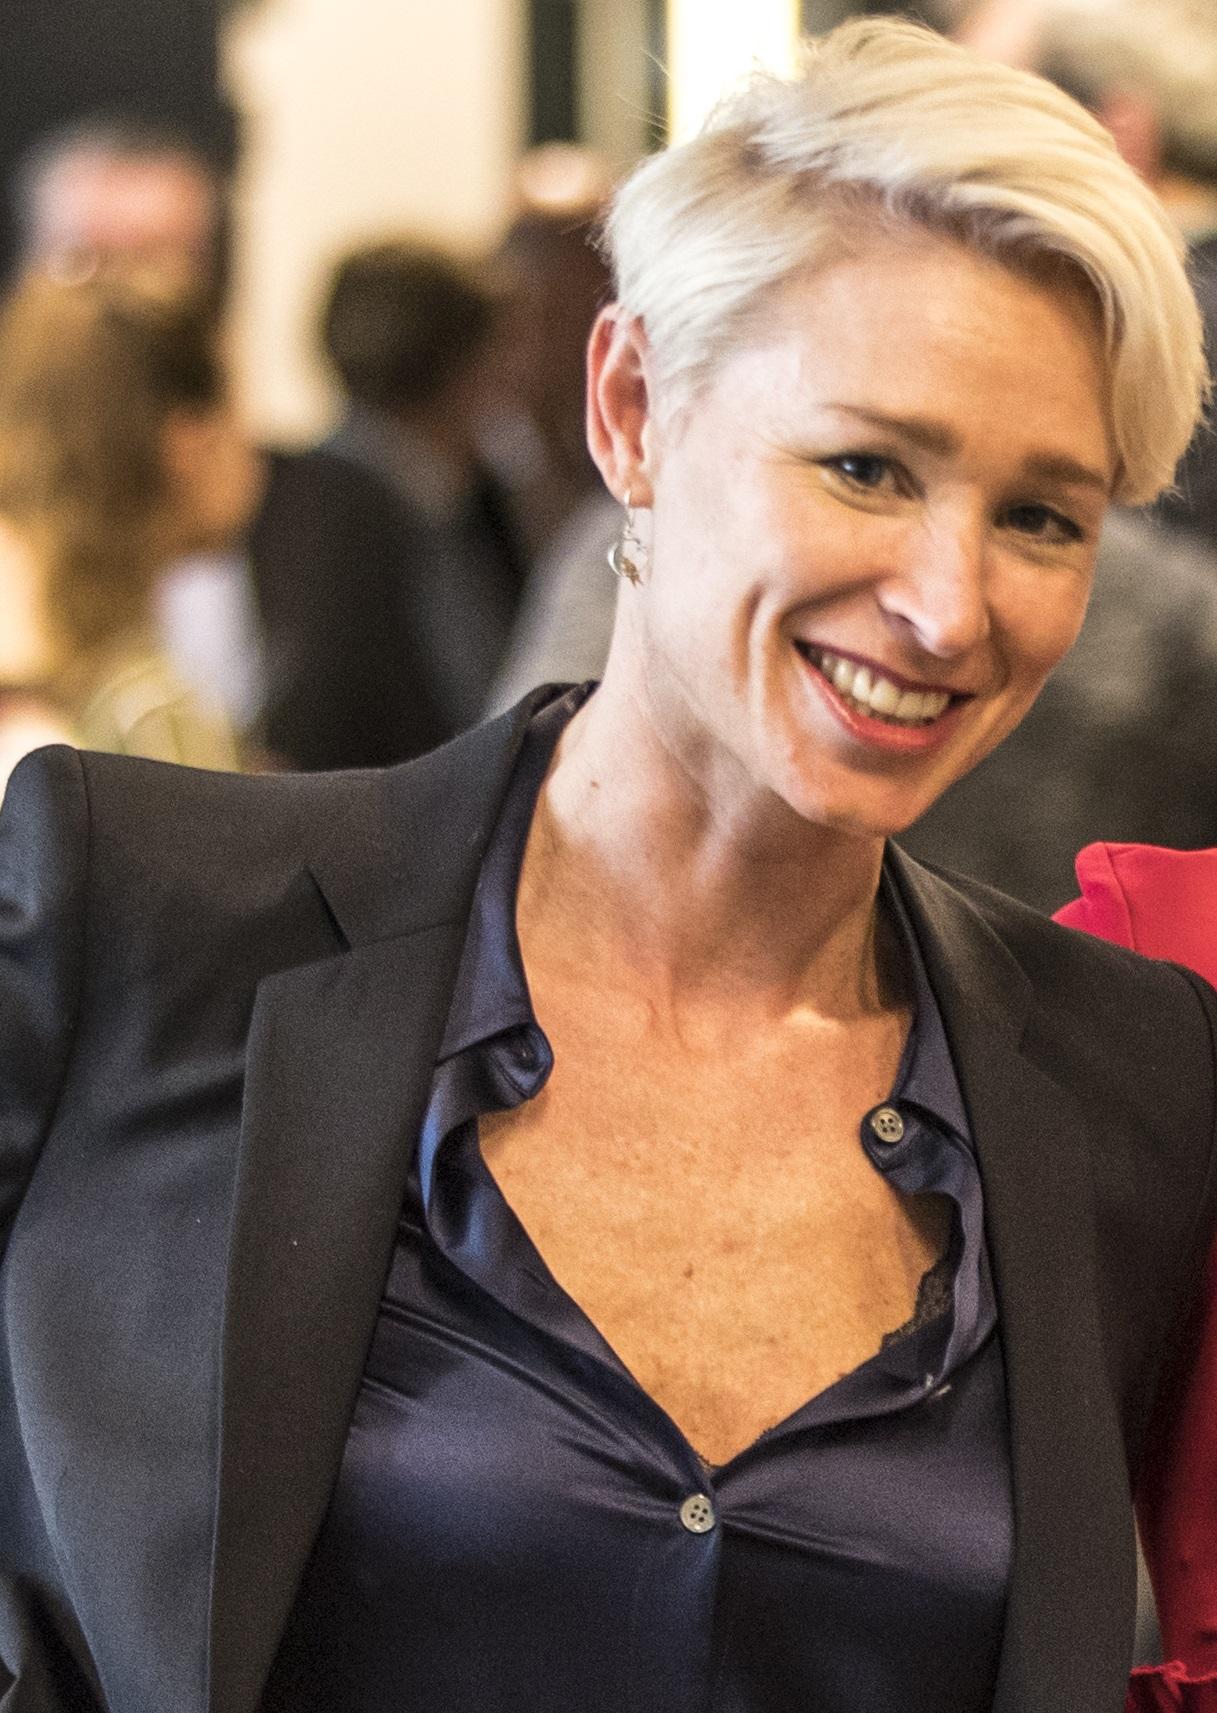 Bianca Leemkuil - Países Bajos